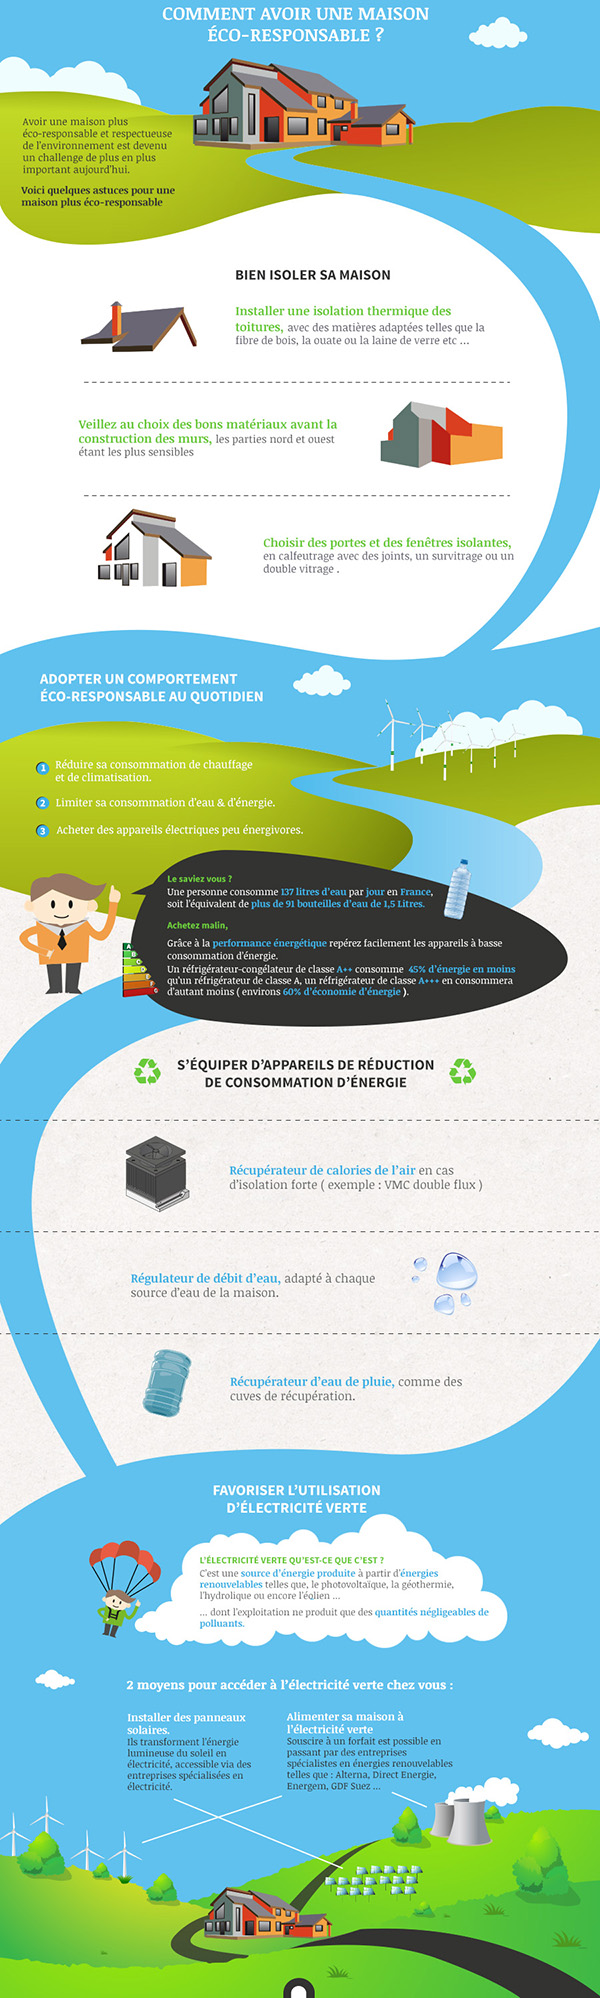 MaisonBebium_Infographie